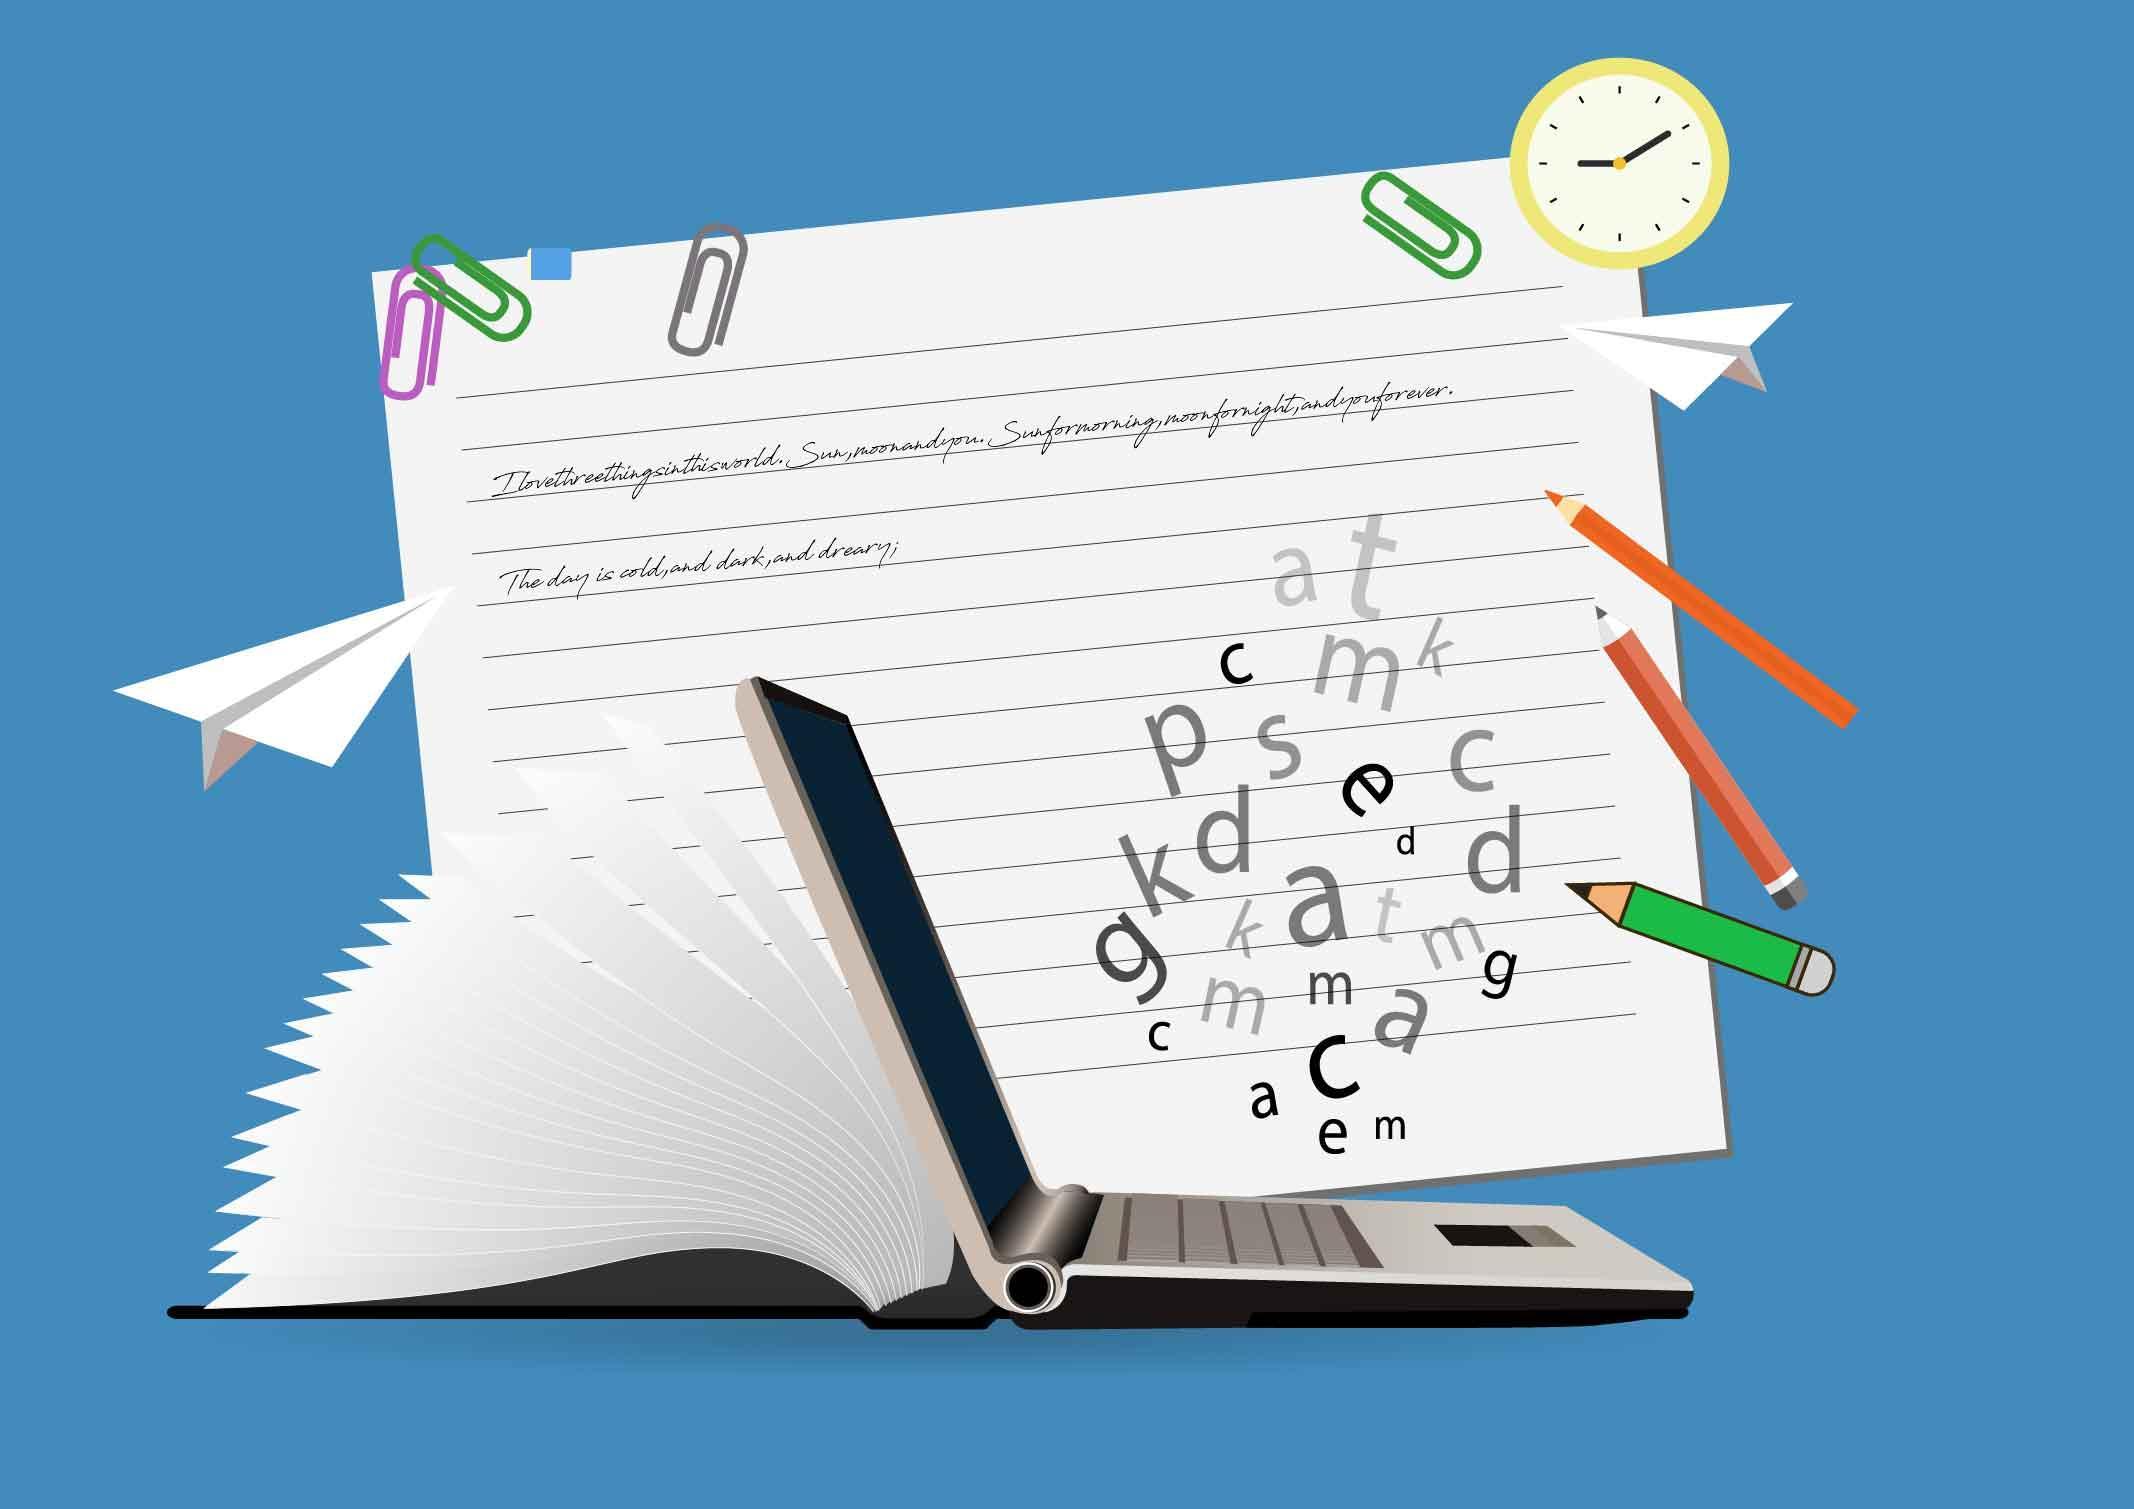 少儿英语培训如何有更好的学习体验